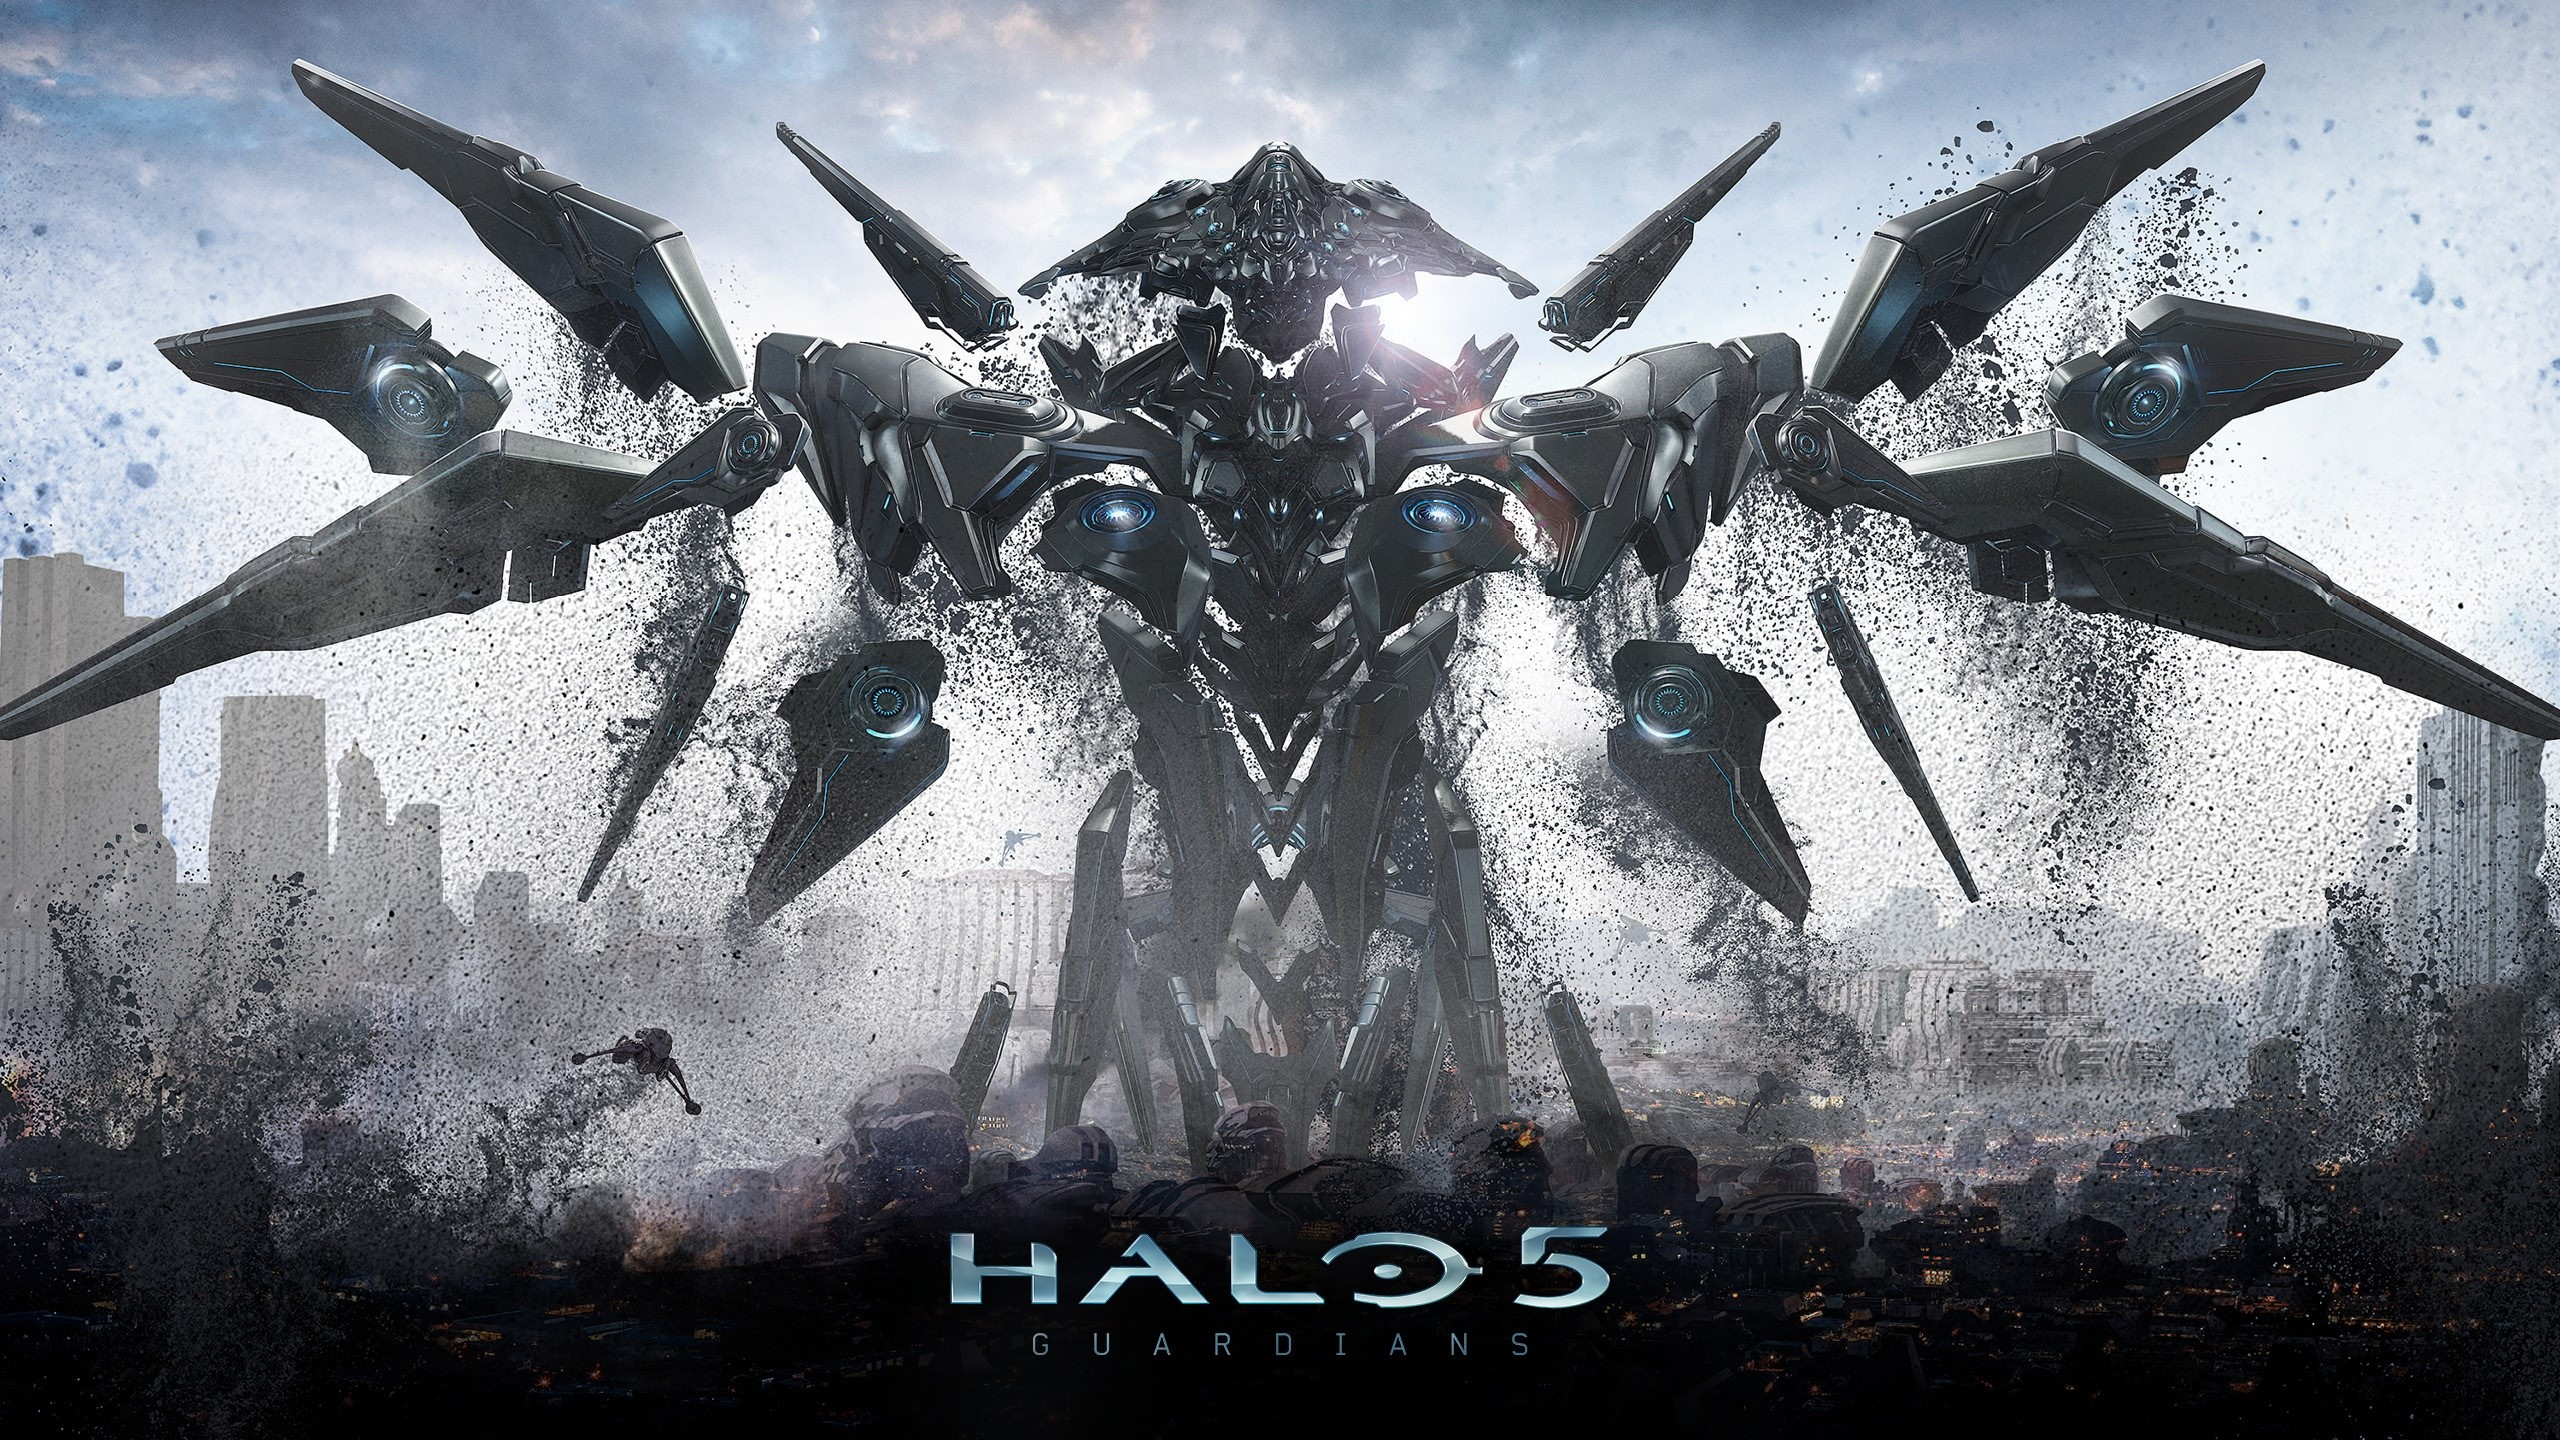 Fondo de pantalla de Guardian en Halo 5 Guardians Imágenes